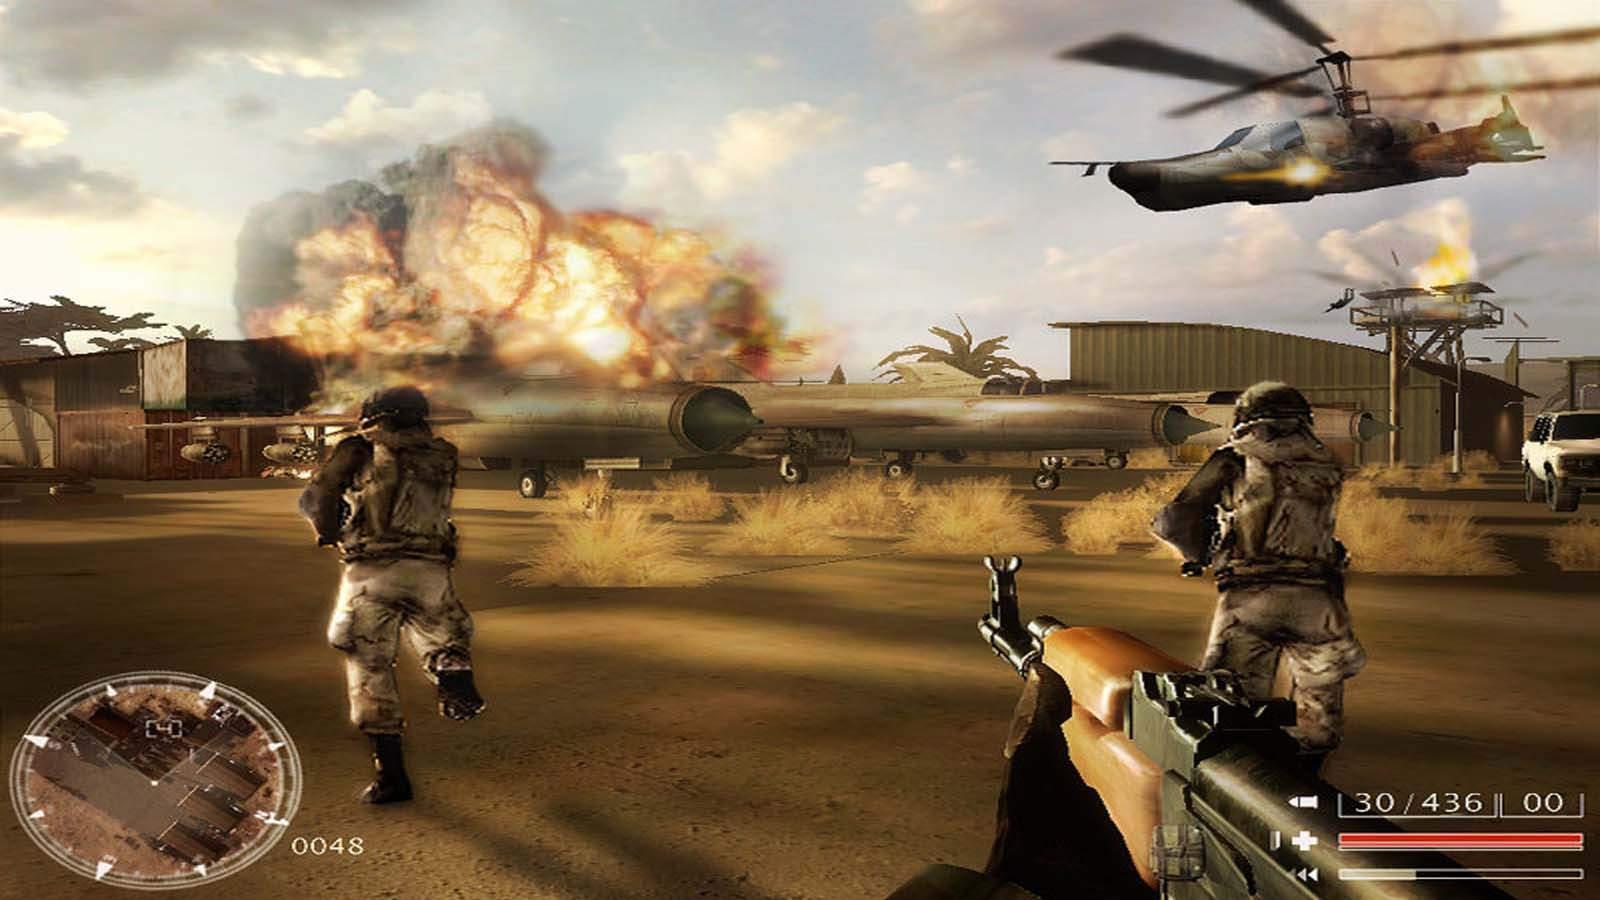 تحميل لعبة Code Of Honor 3 مضغوطة كاملة بروابط مباشرة + تورنت مجانا